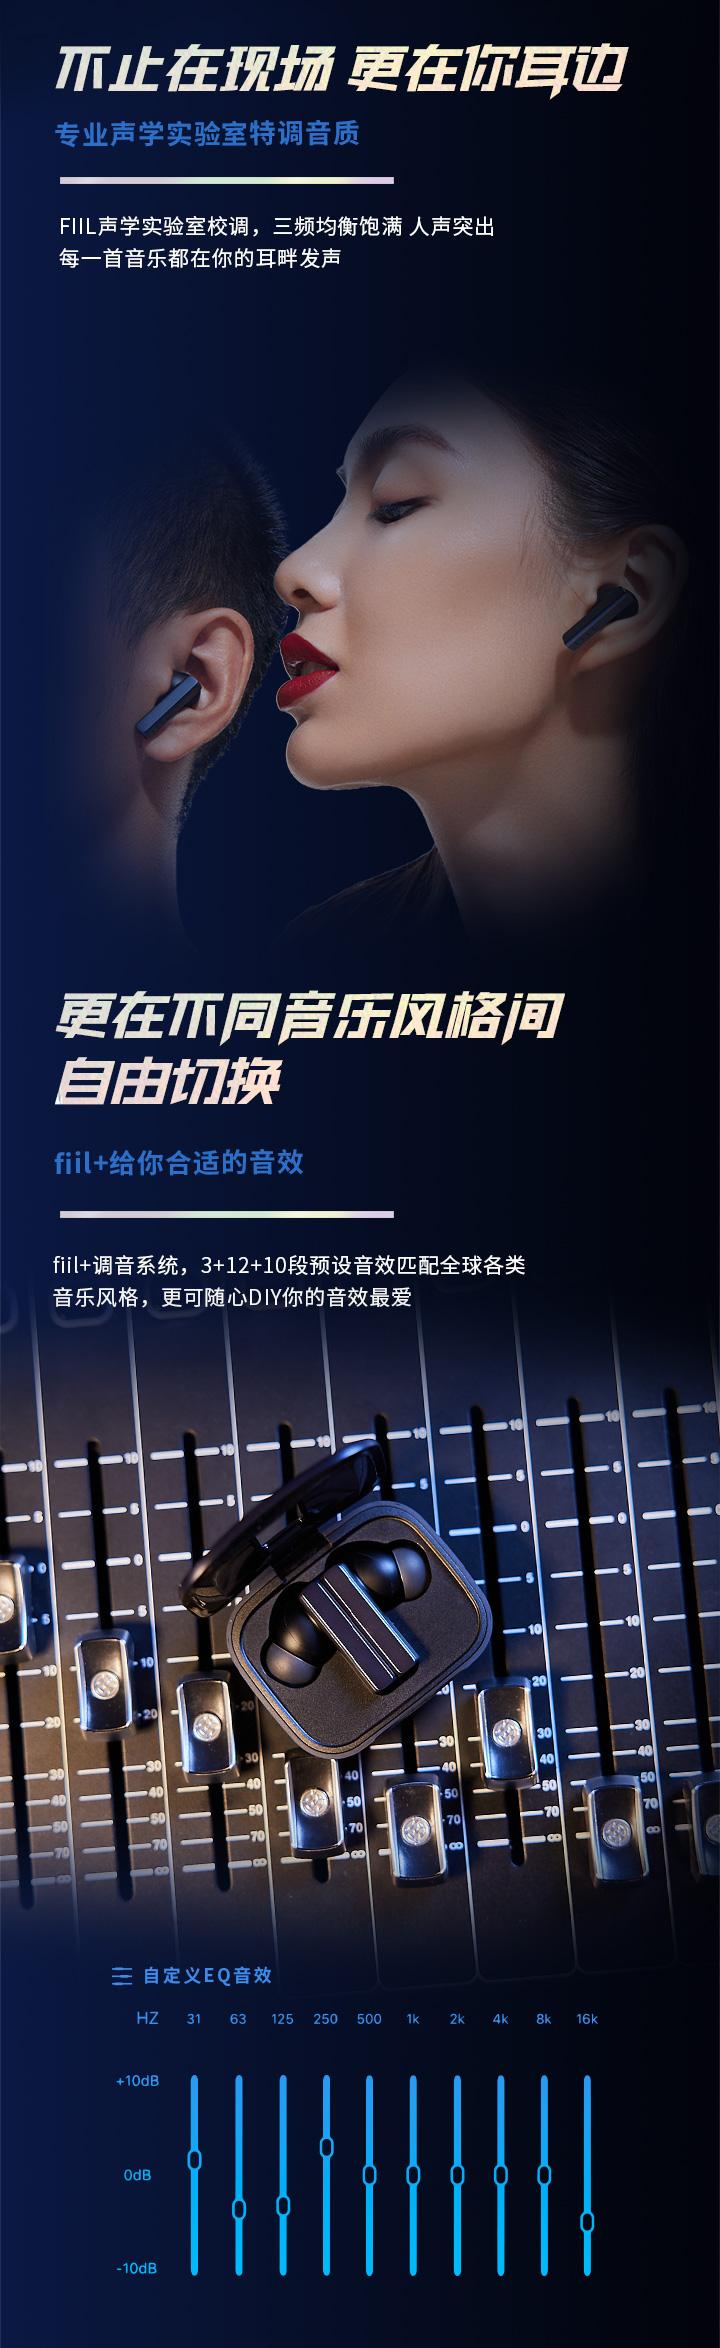 FIIL CG真无线蓝牙耳机免费试用,评测